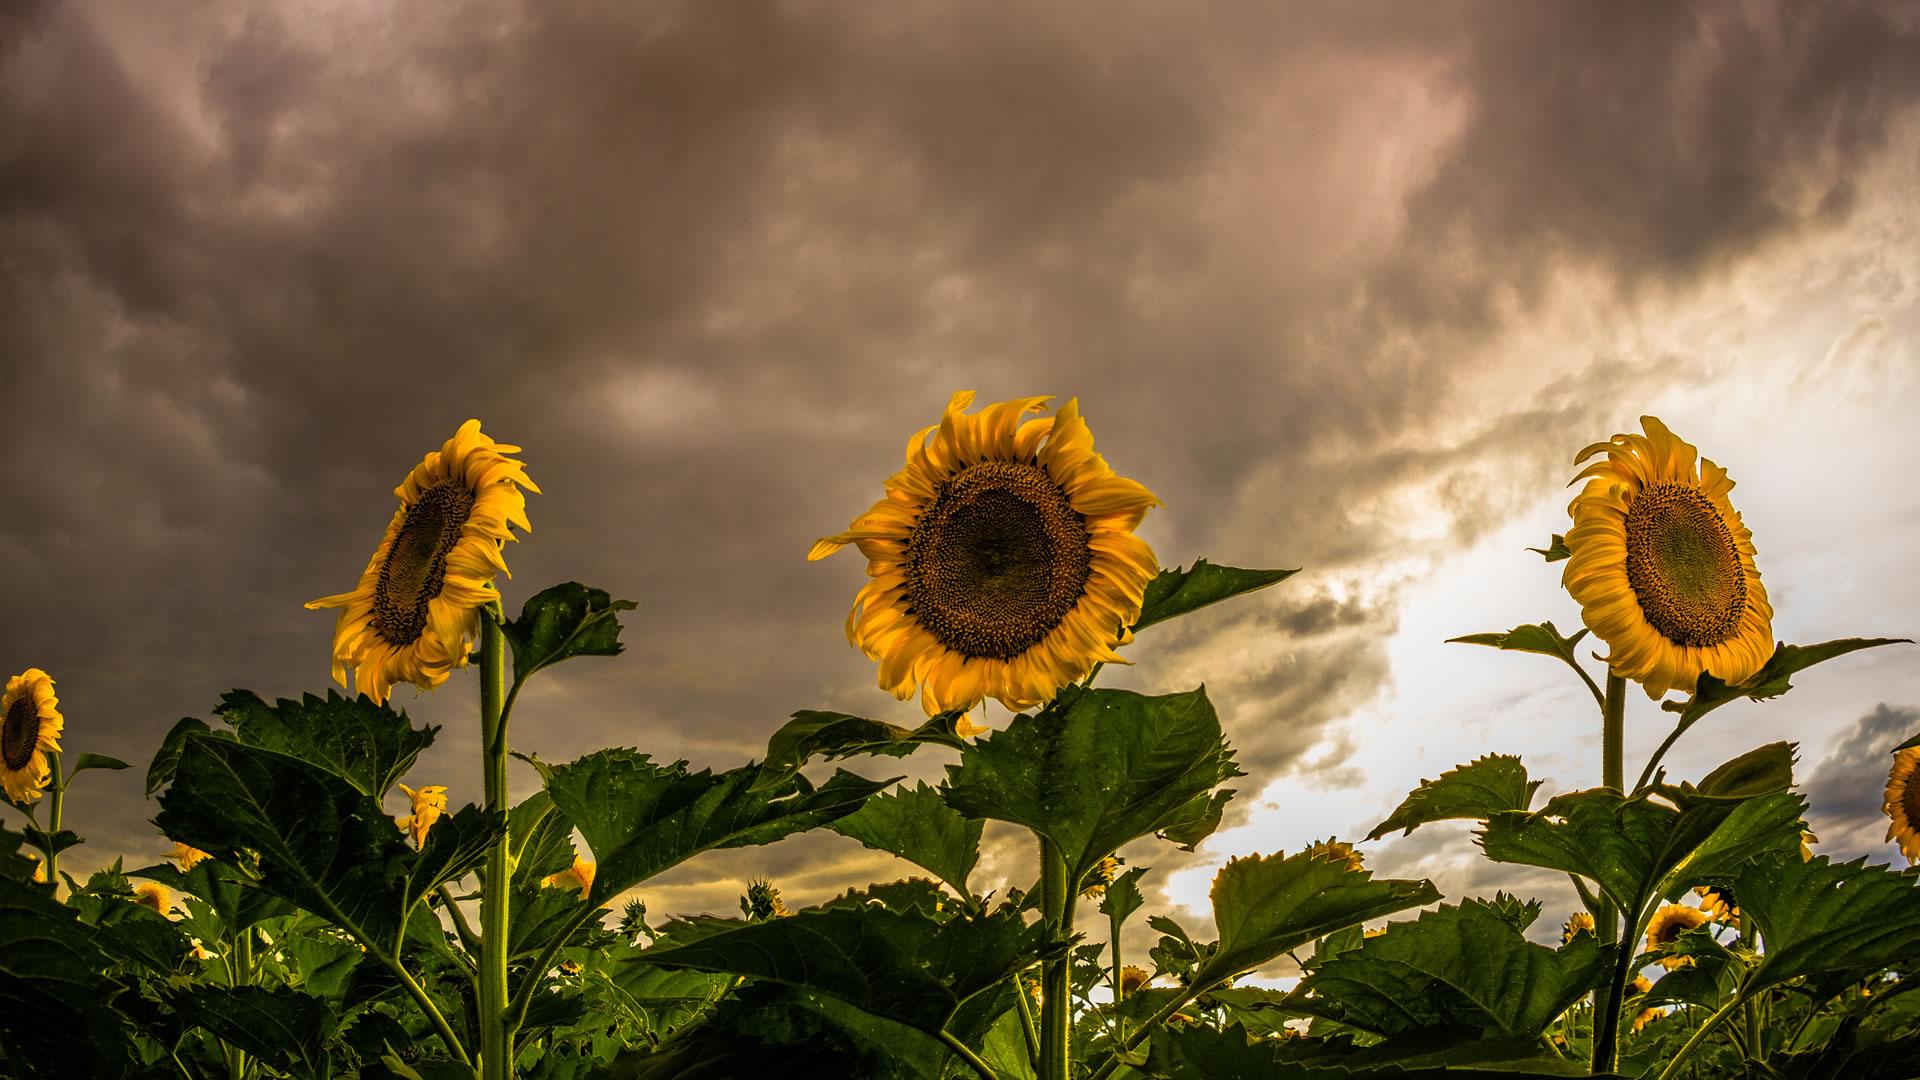 Brian-Ingram-Sunflowers